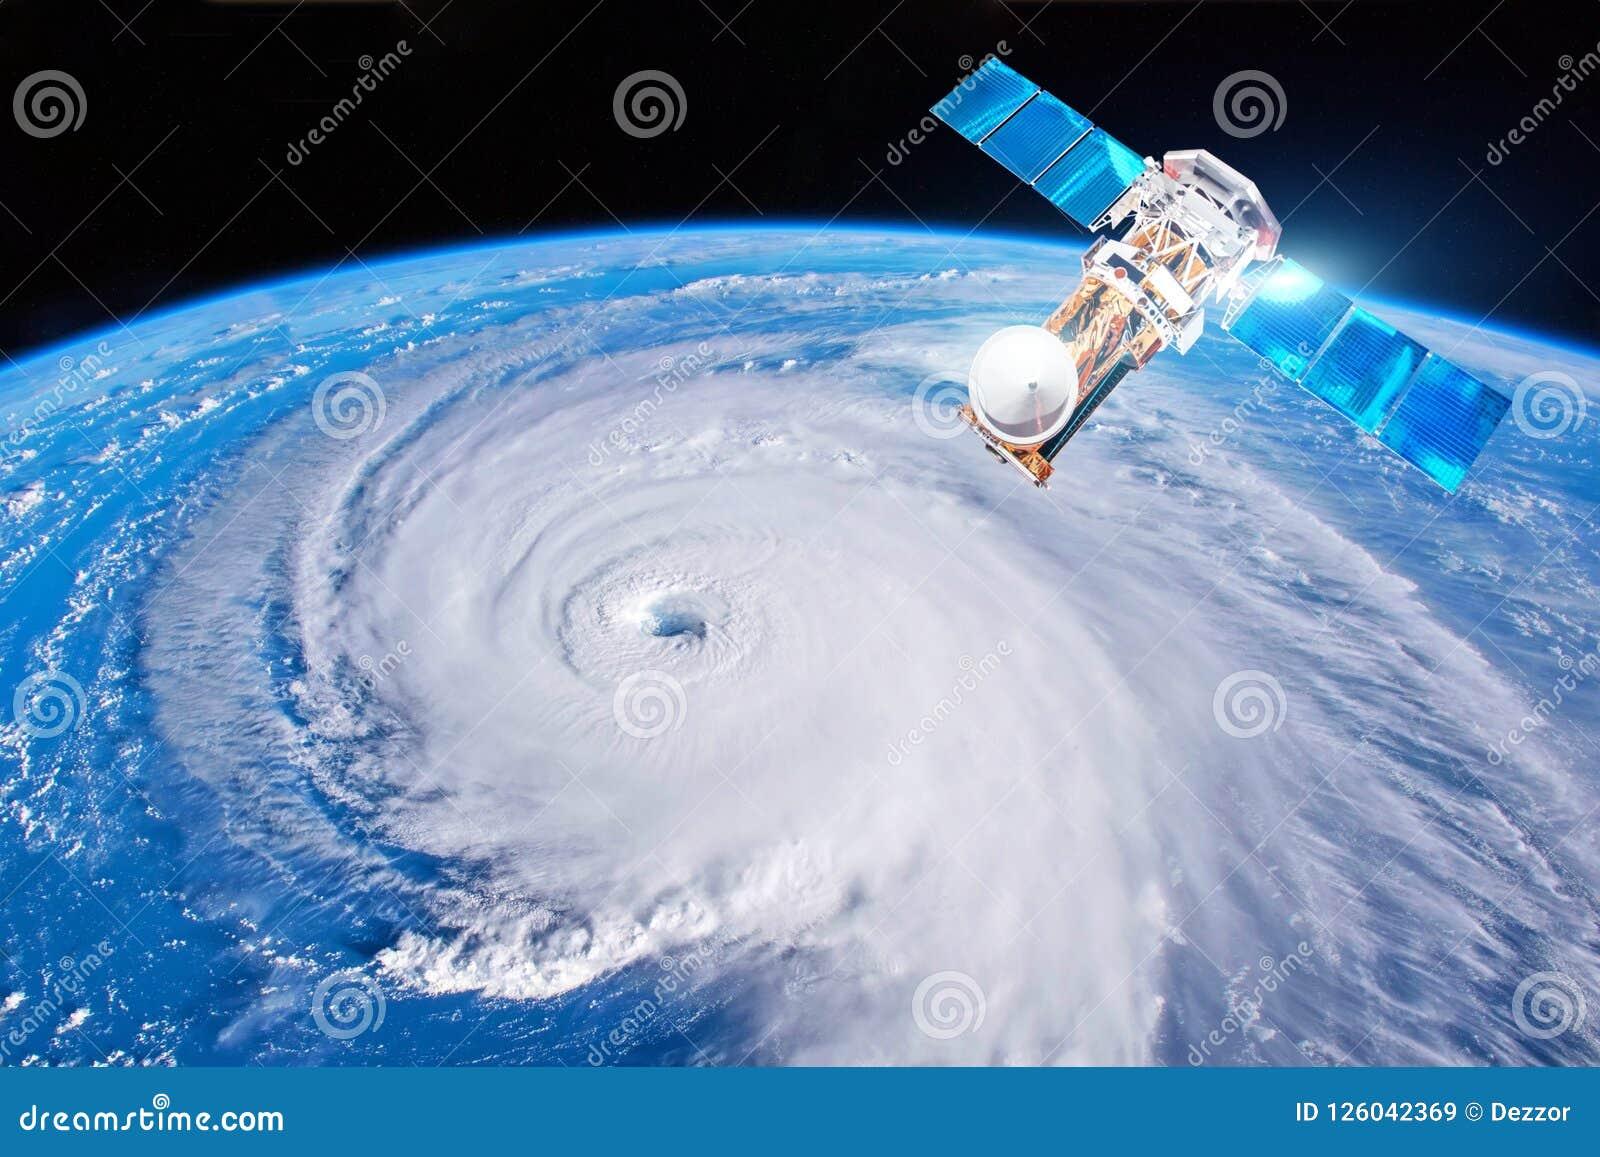 Onderzoek, het sonderen, controleorkaan Florence De satelliet boven de Aarde maakt metingen van de weerparameters elementen